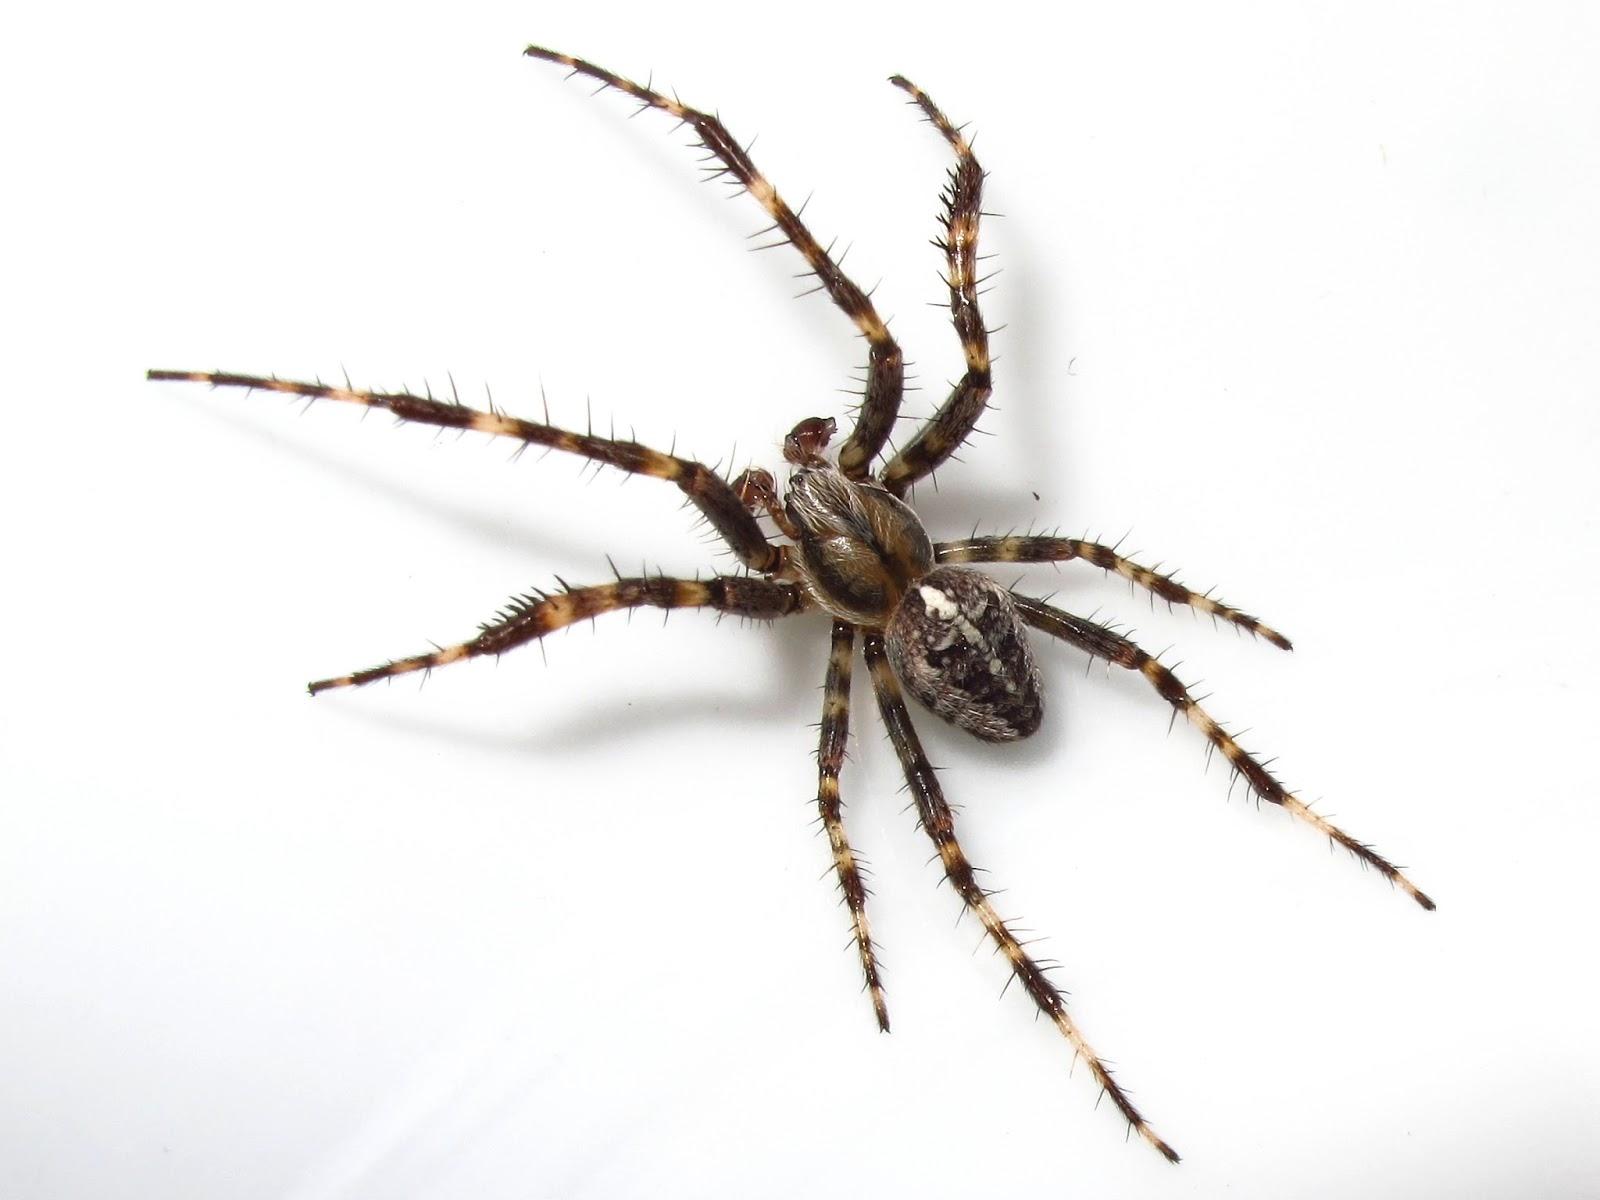 male garden spider - Garden Spider